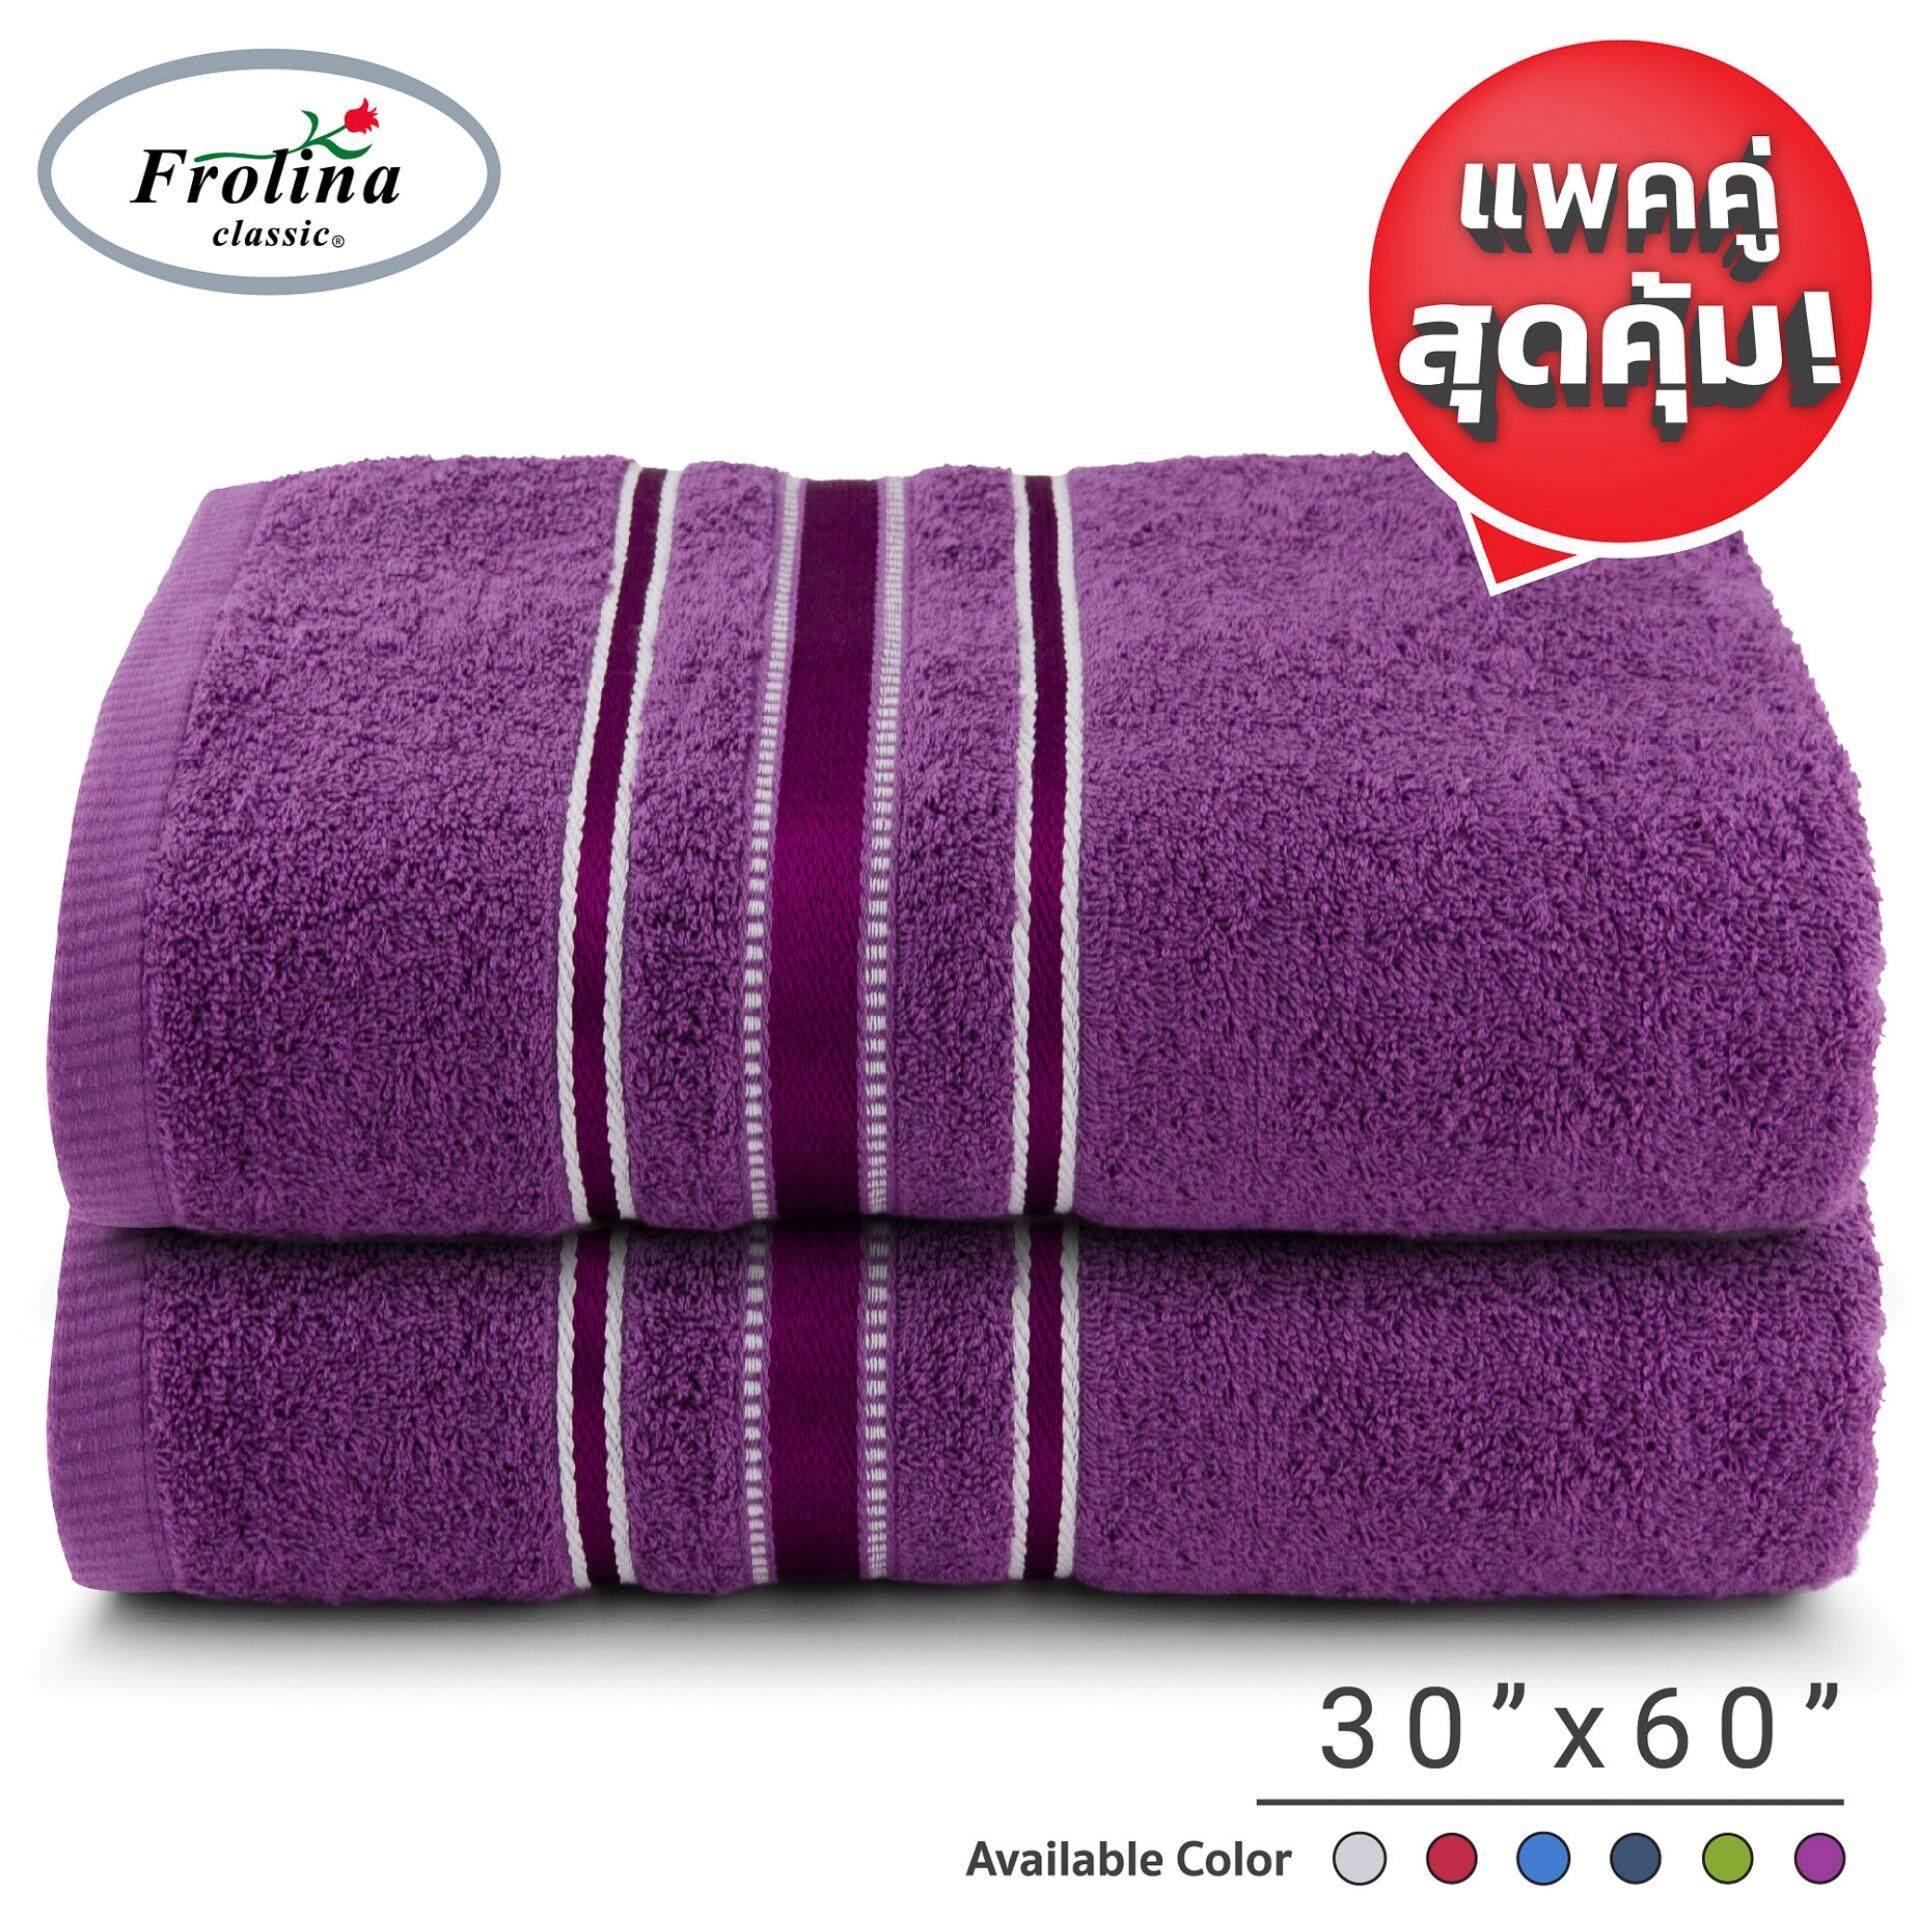 ผ้าขนหนู เช็ดตัว Frolina 30x60 2ผืน ดีไซน์solid03.